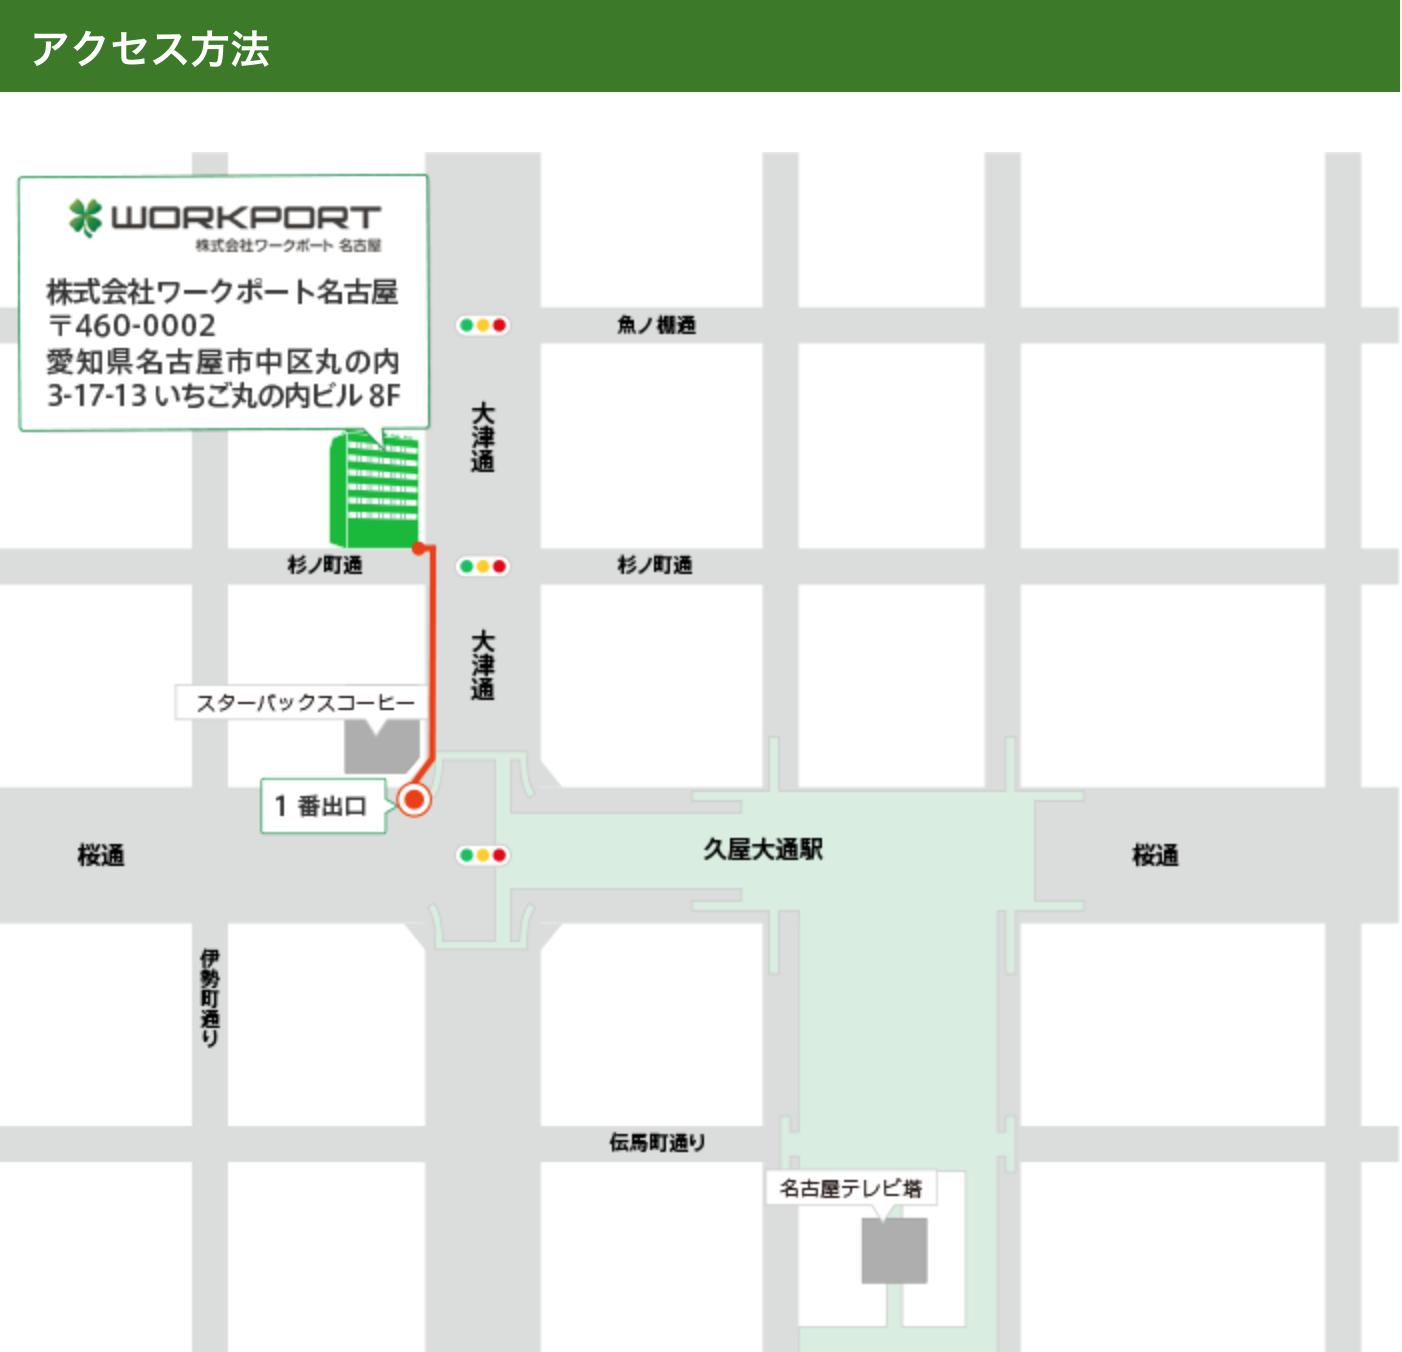 ワークポート 名古屋